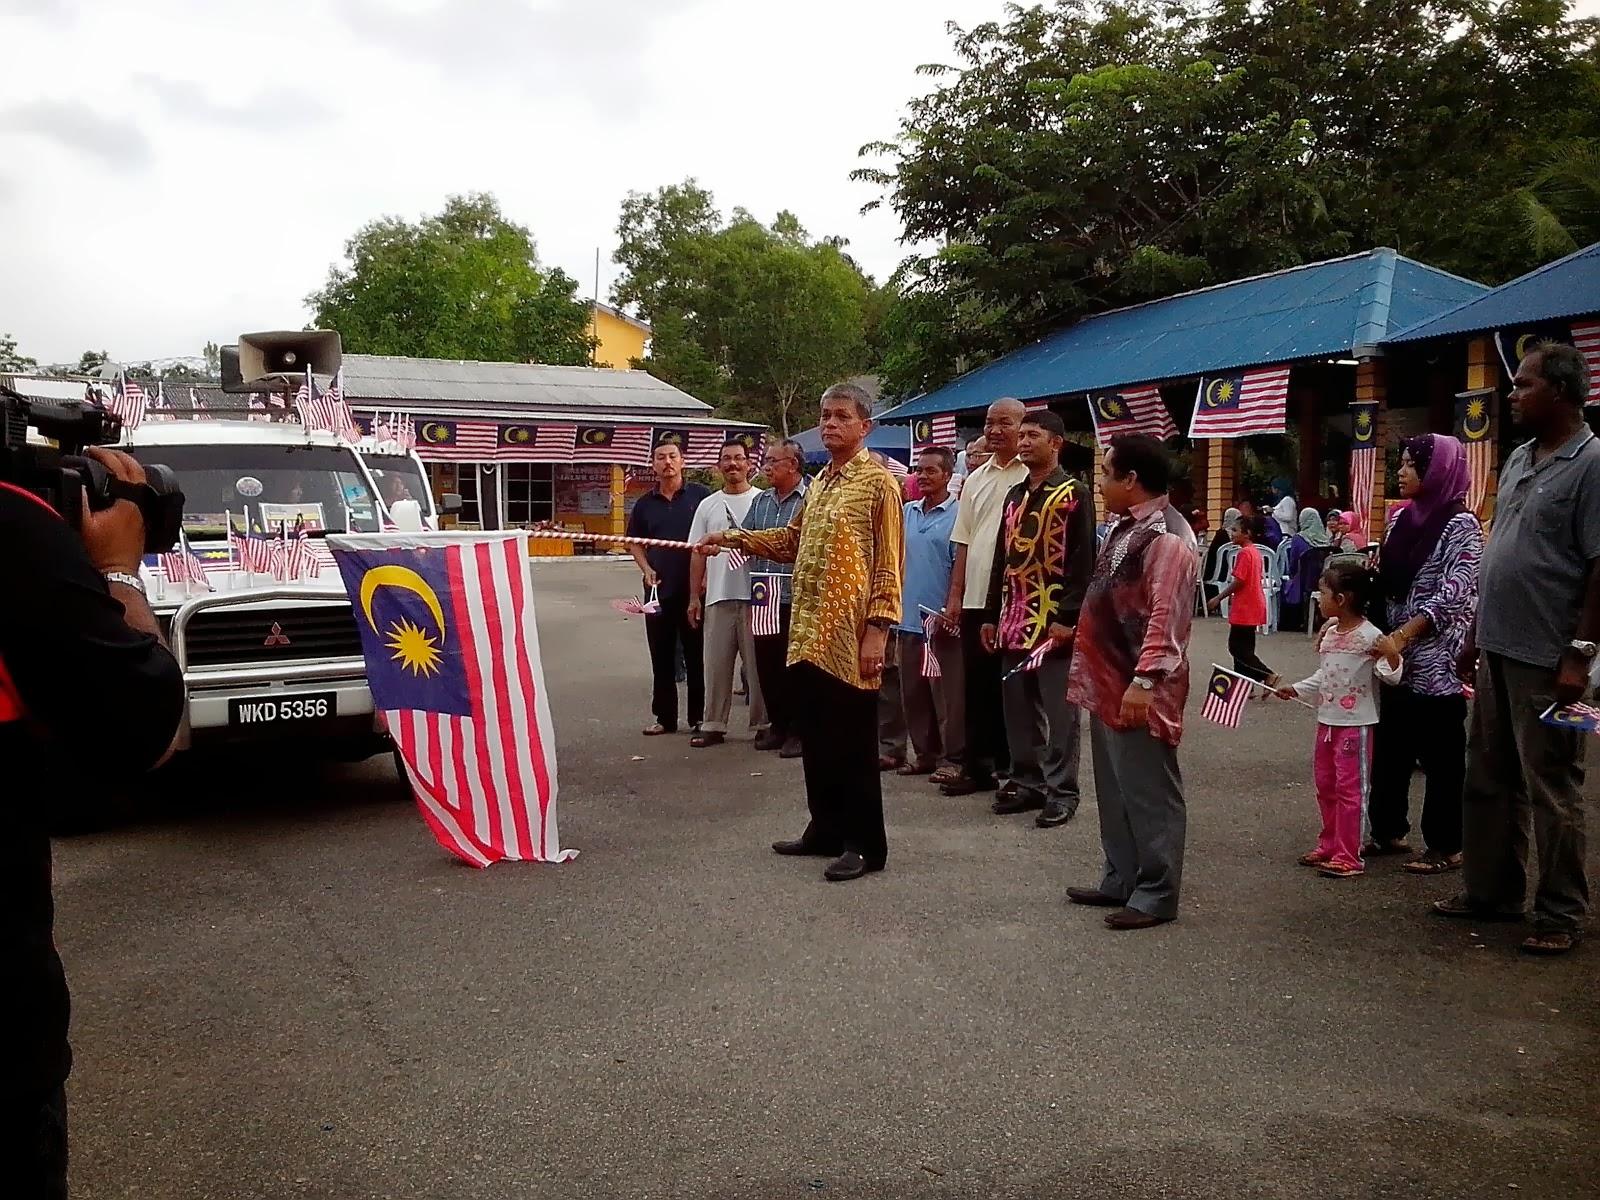 Kembara MERDEKA Jalur Gemilang Oleh K 1 Malaysia Mukim Rusila